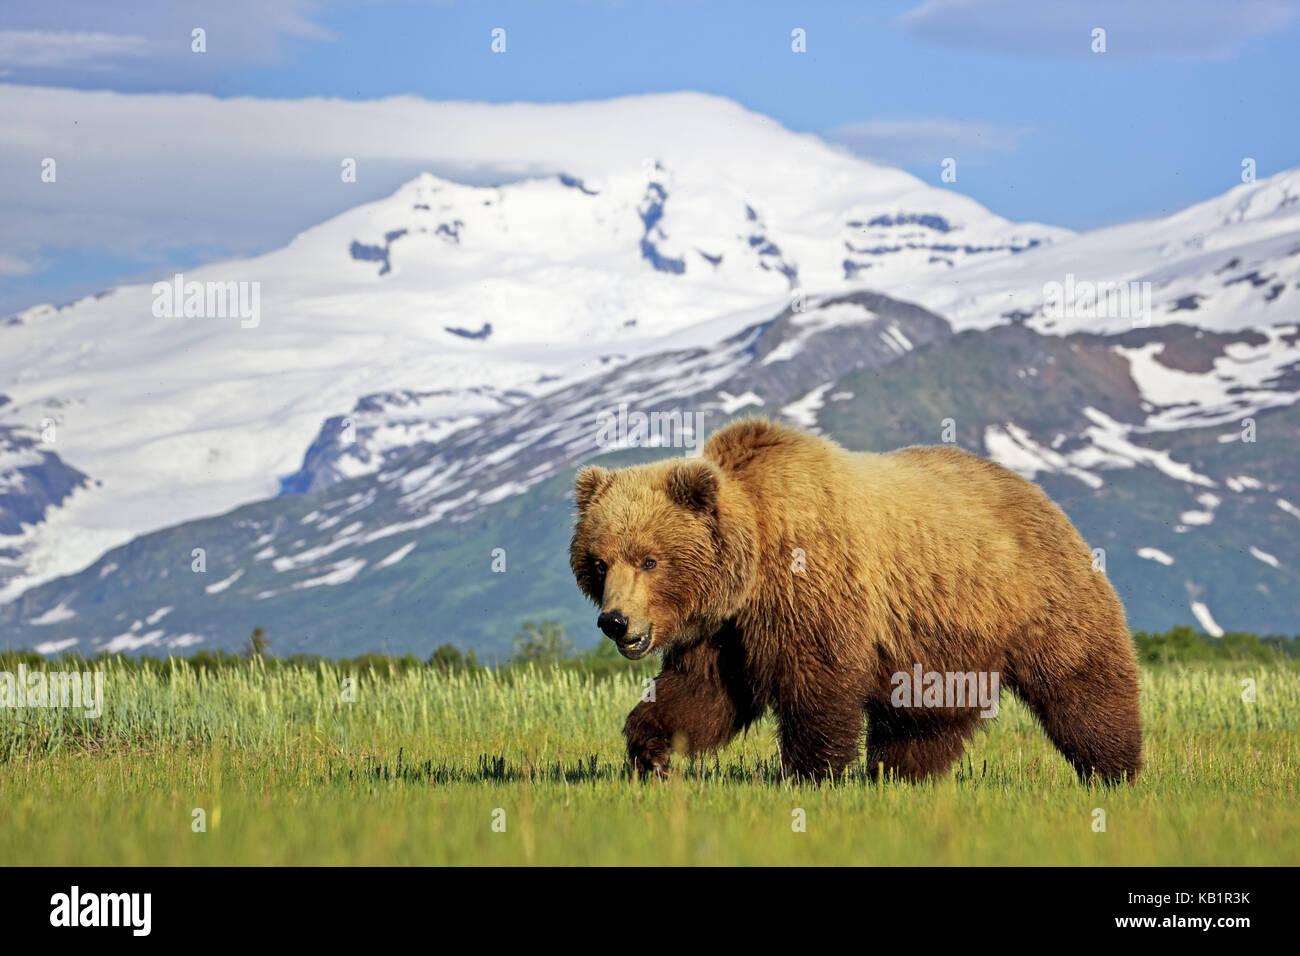 Amérique du Nord, les États-Unis, l'Alaska, katmai national park, bonjour, bay, l'ours brun, Ursus Photo Stock